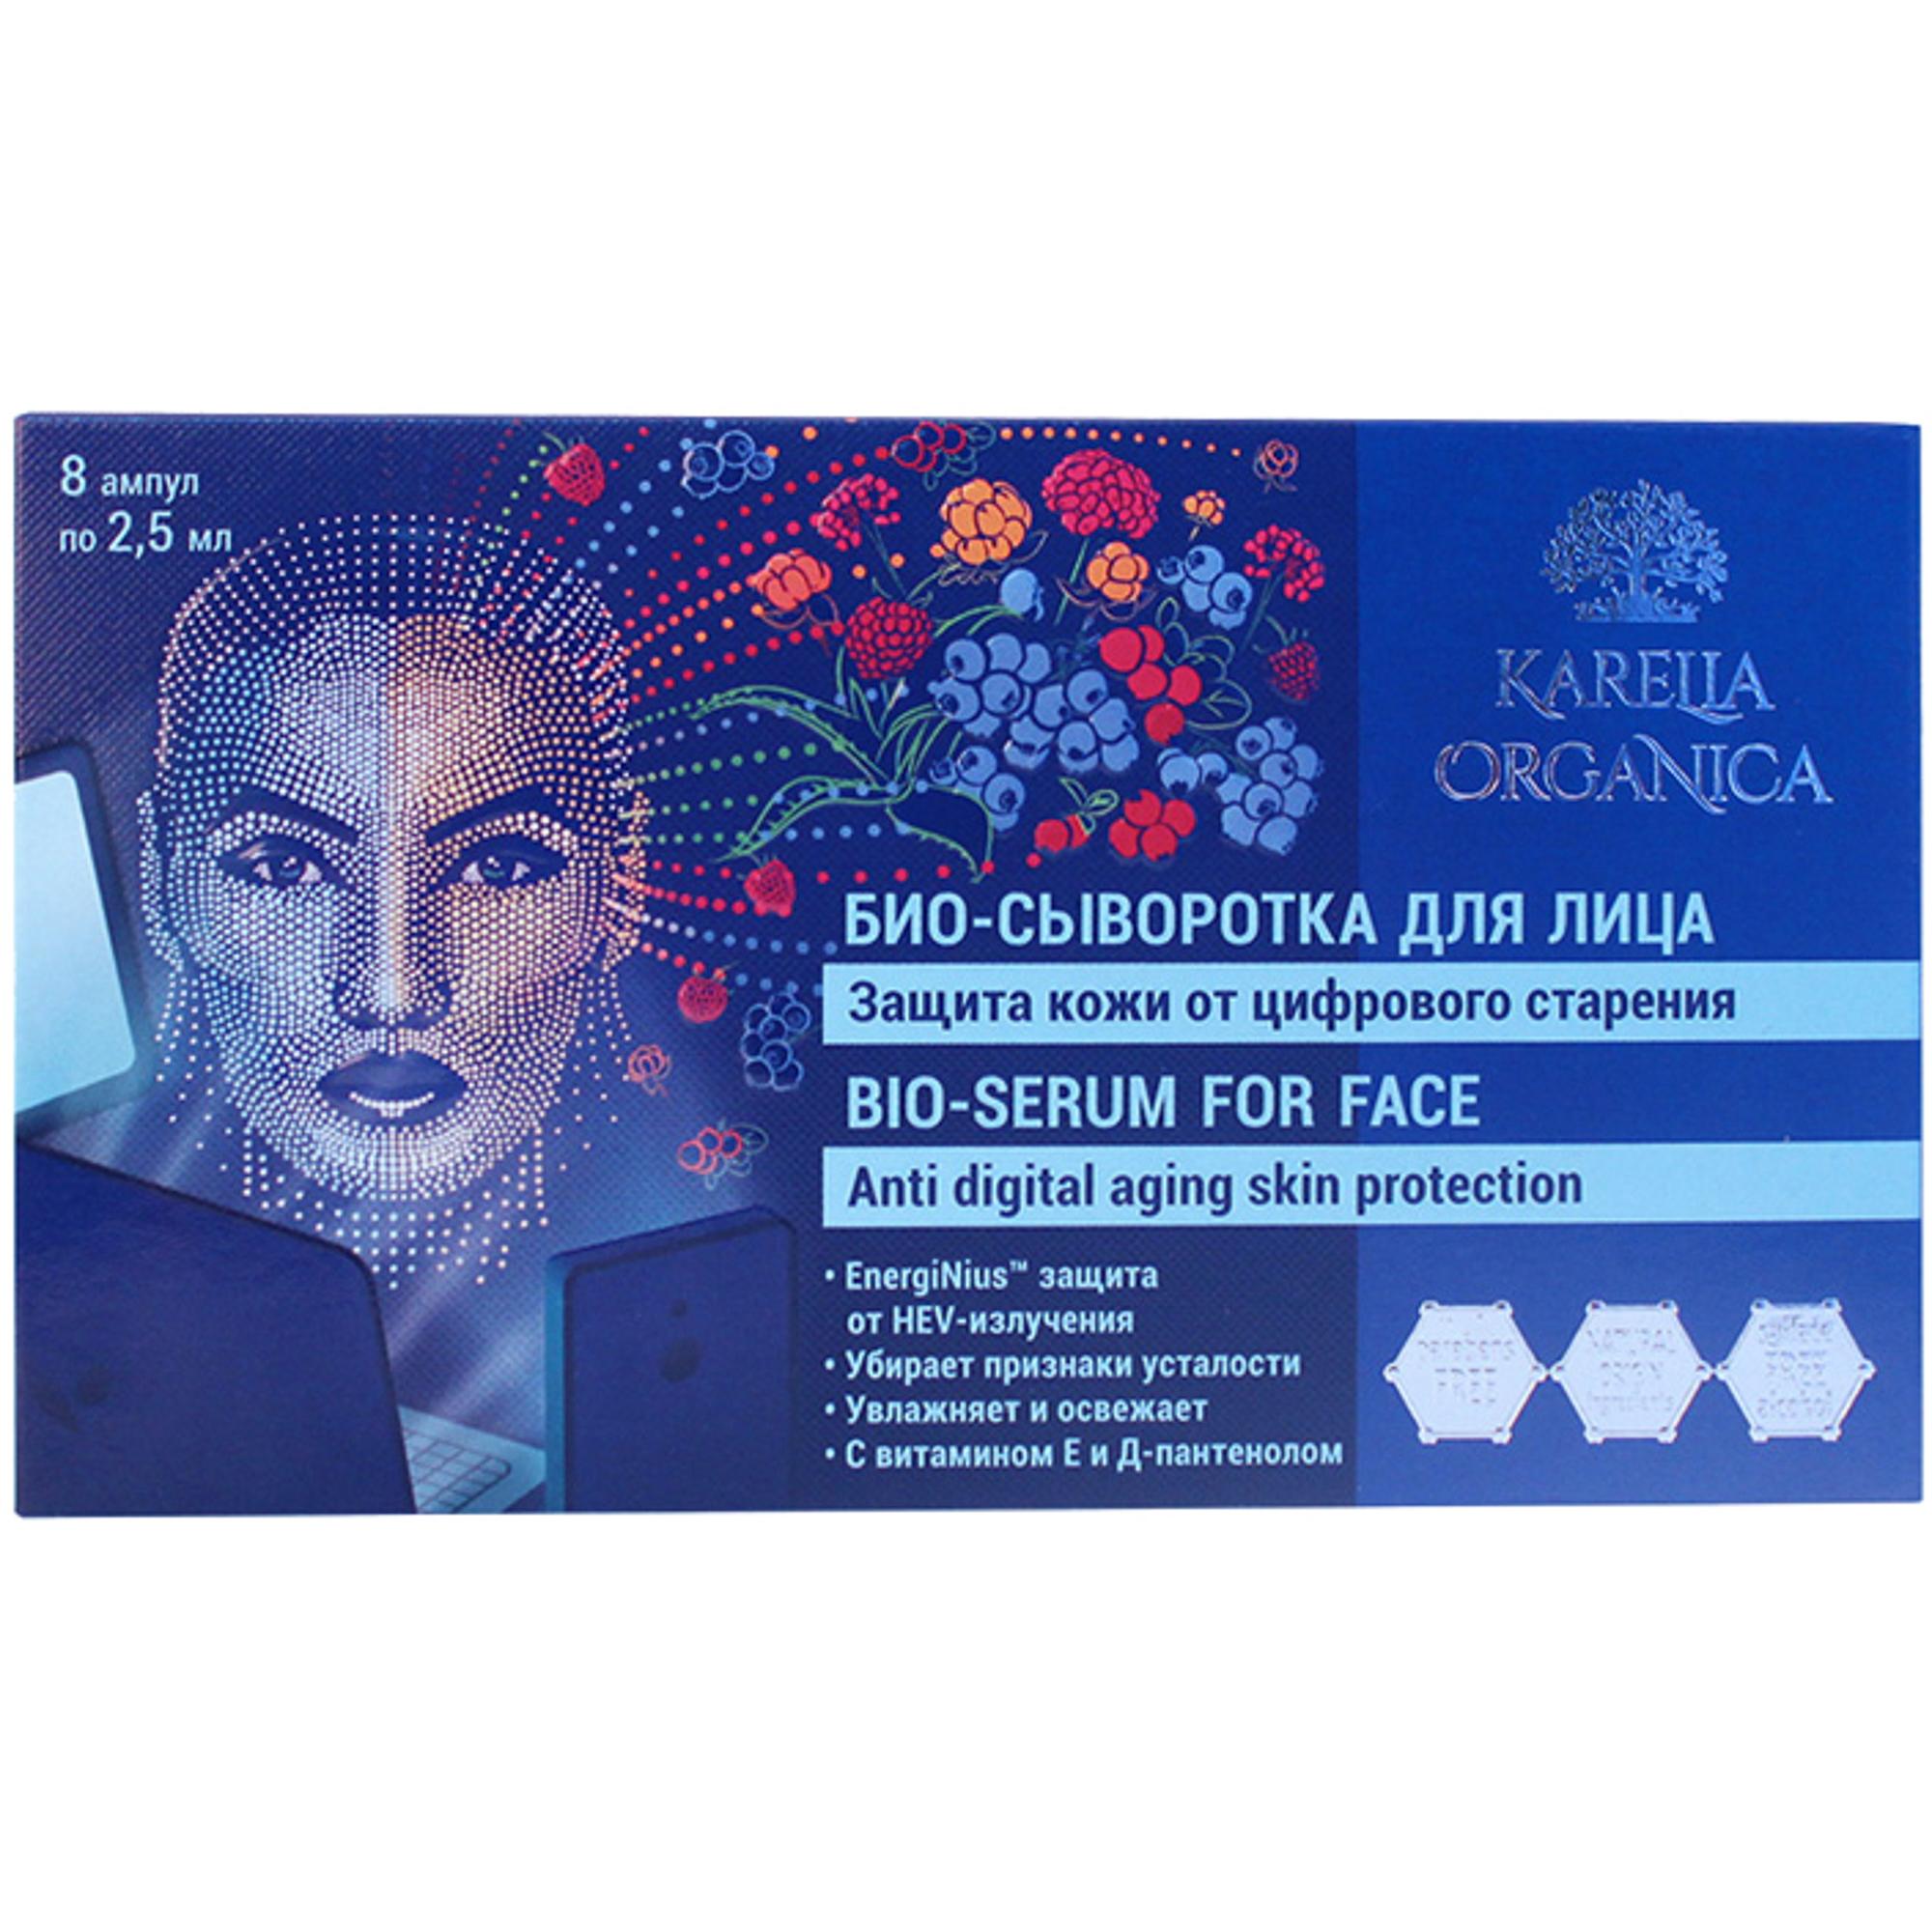 Сыворотка для лица Фратти НВ Karelia Organica Защита кожи от цифрового старения 8x2,5 мл фото